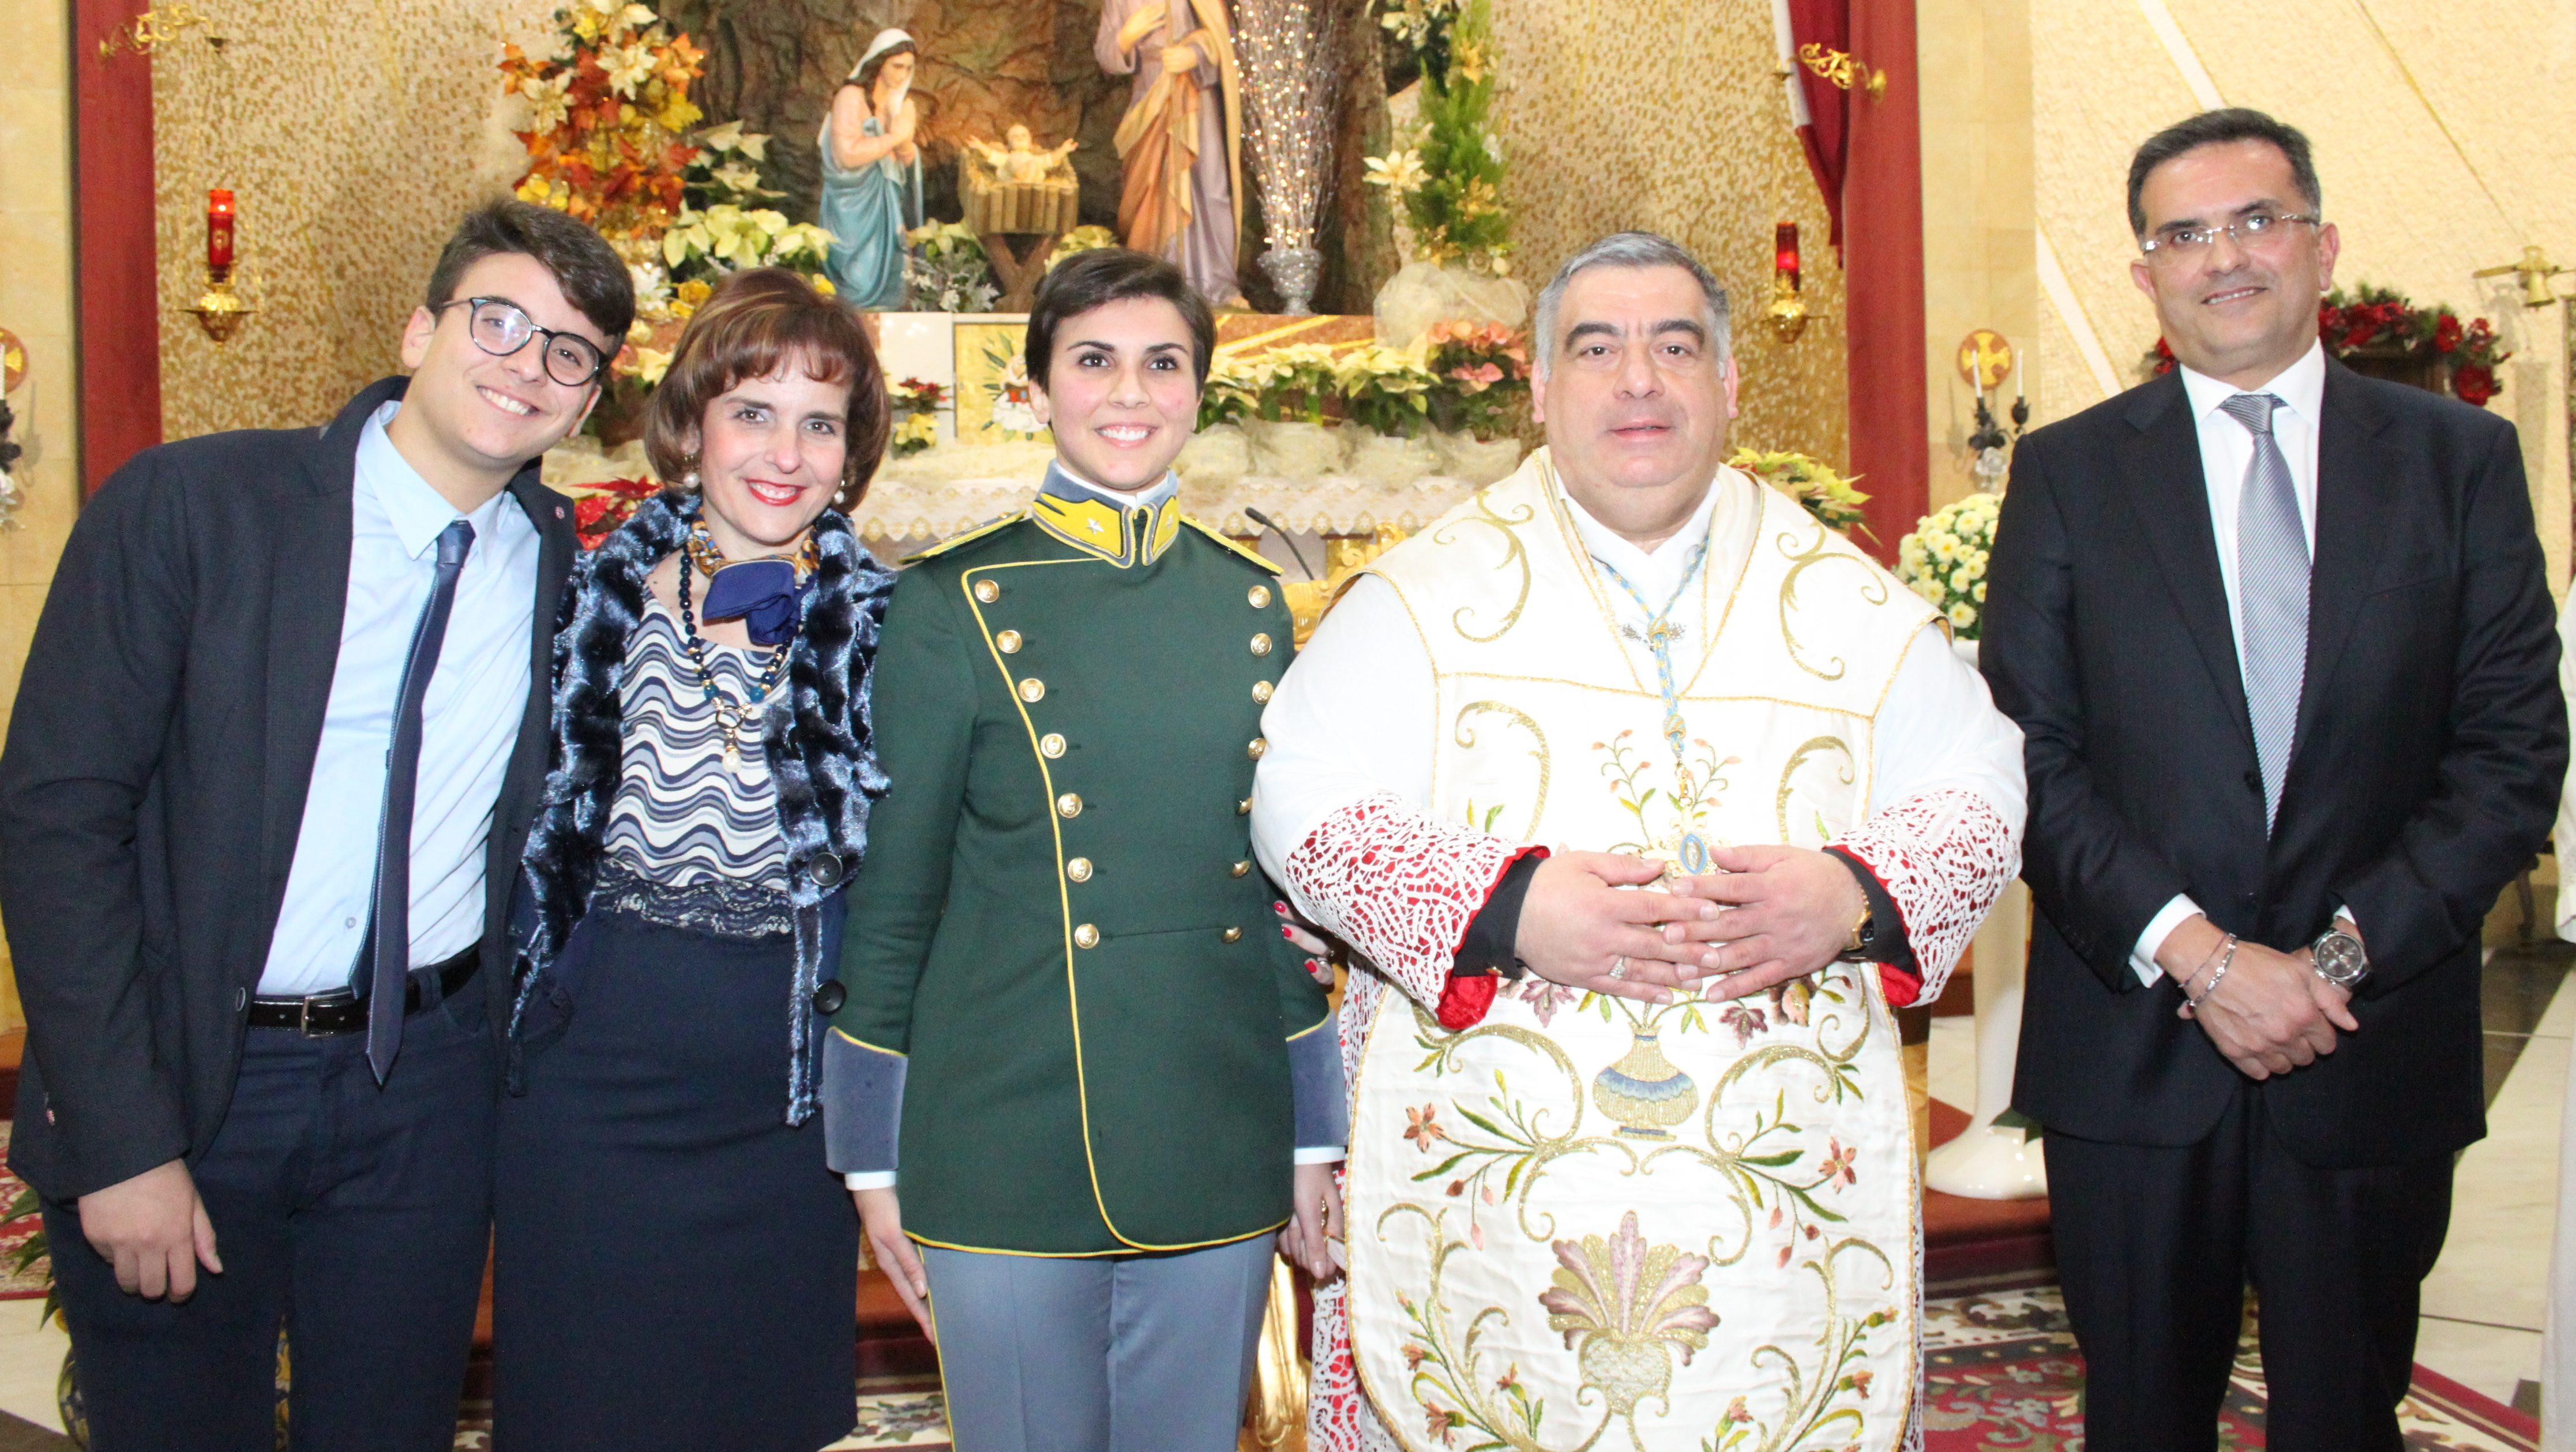 Foto di Gruppo con Padre Davide e la famiglia di Letizia carrabino